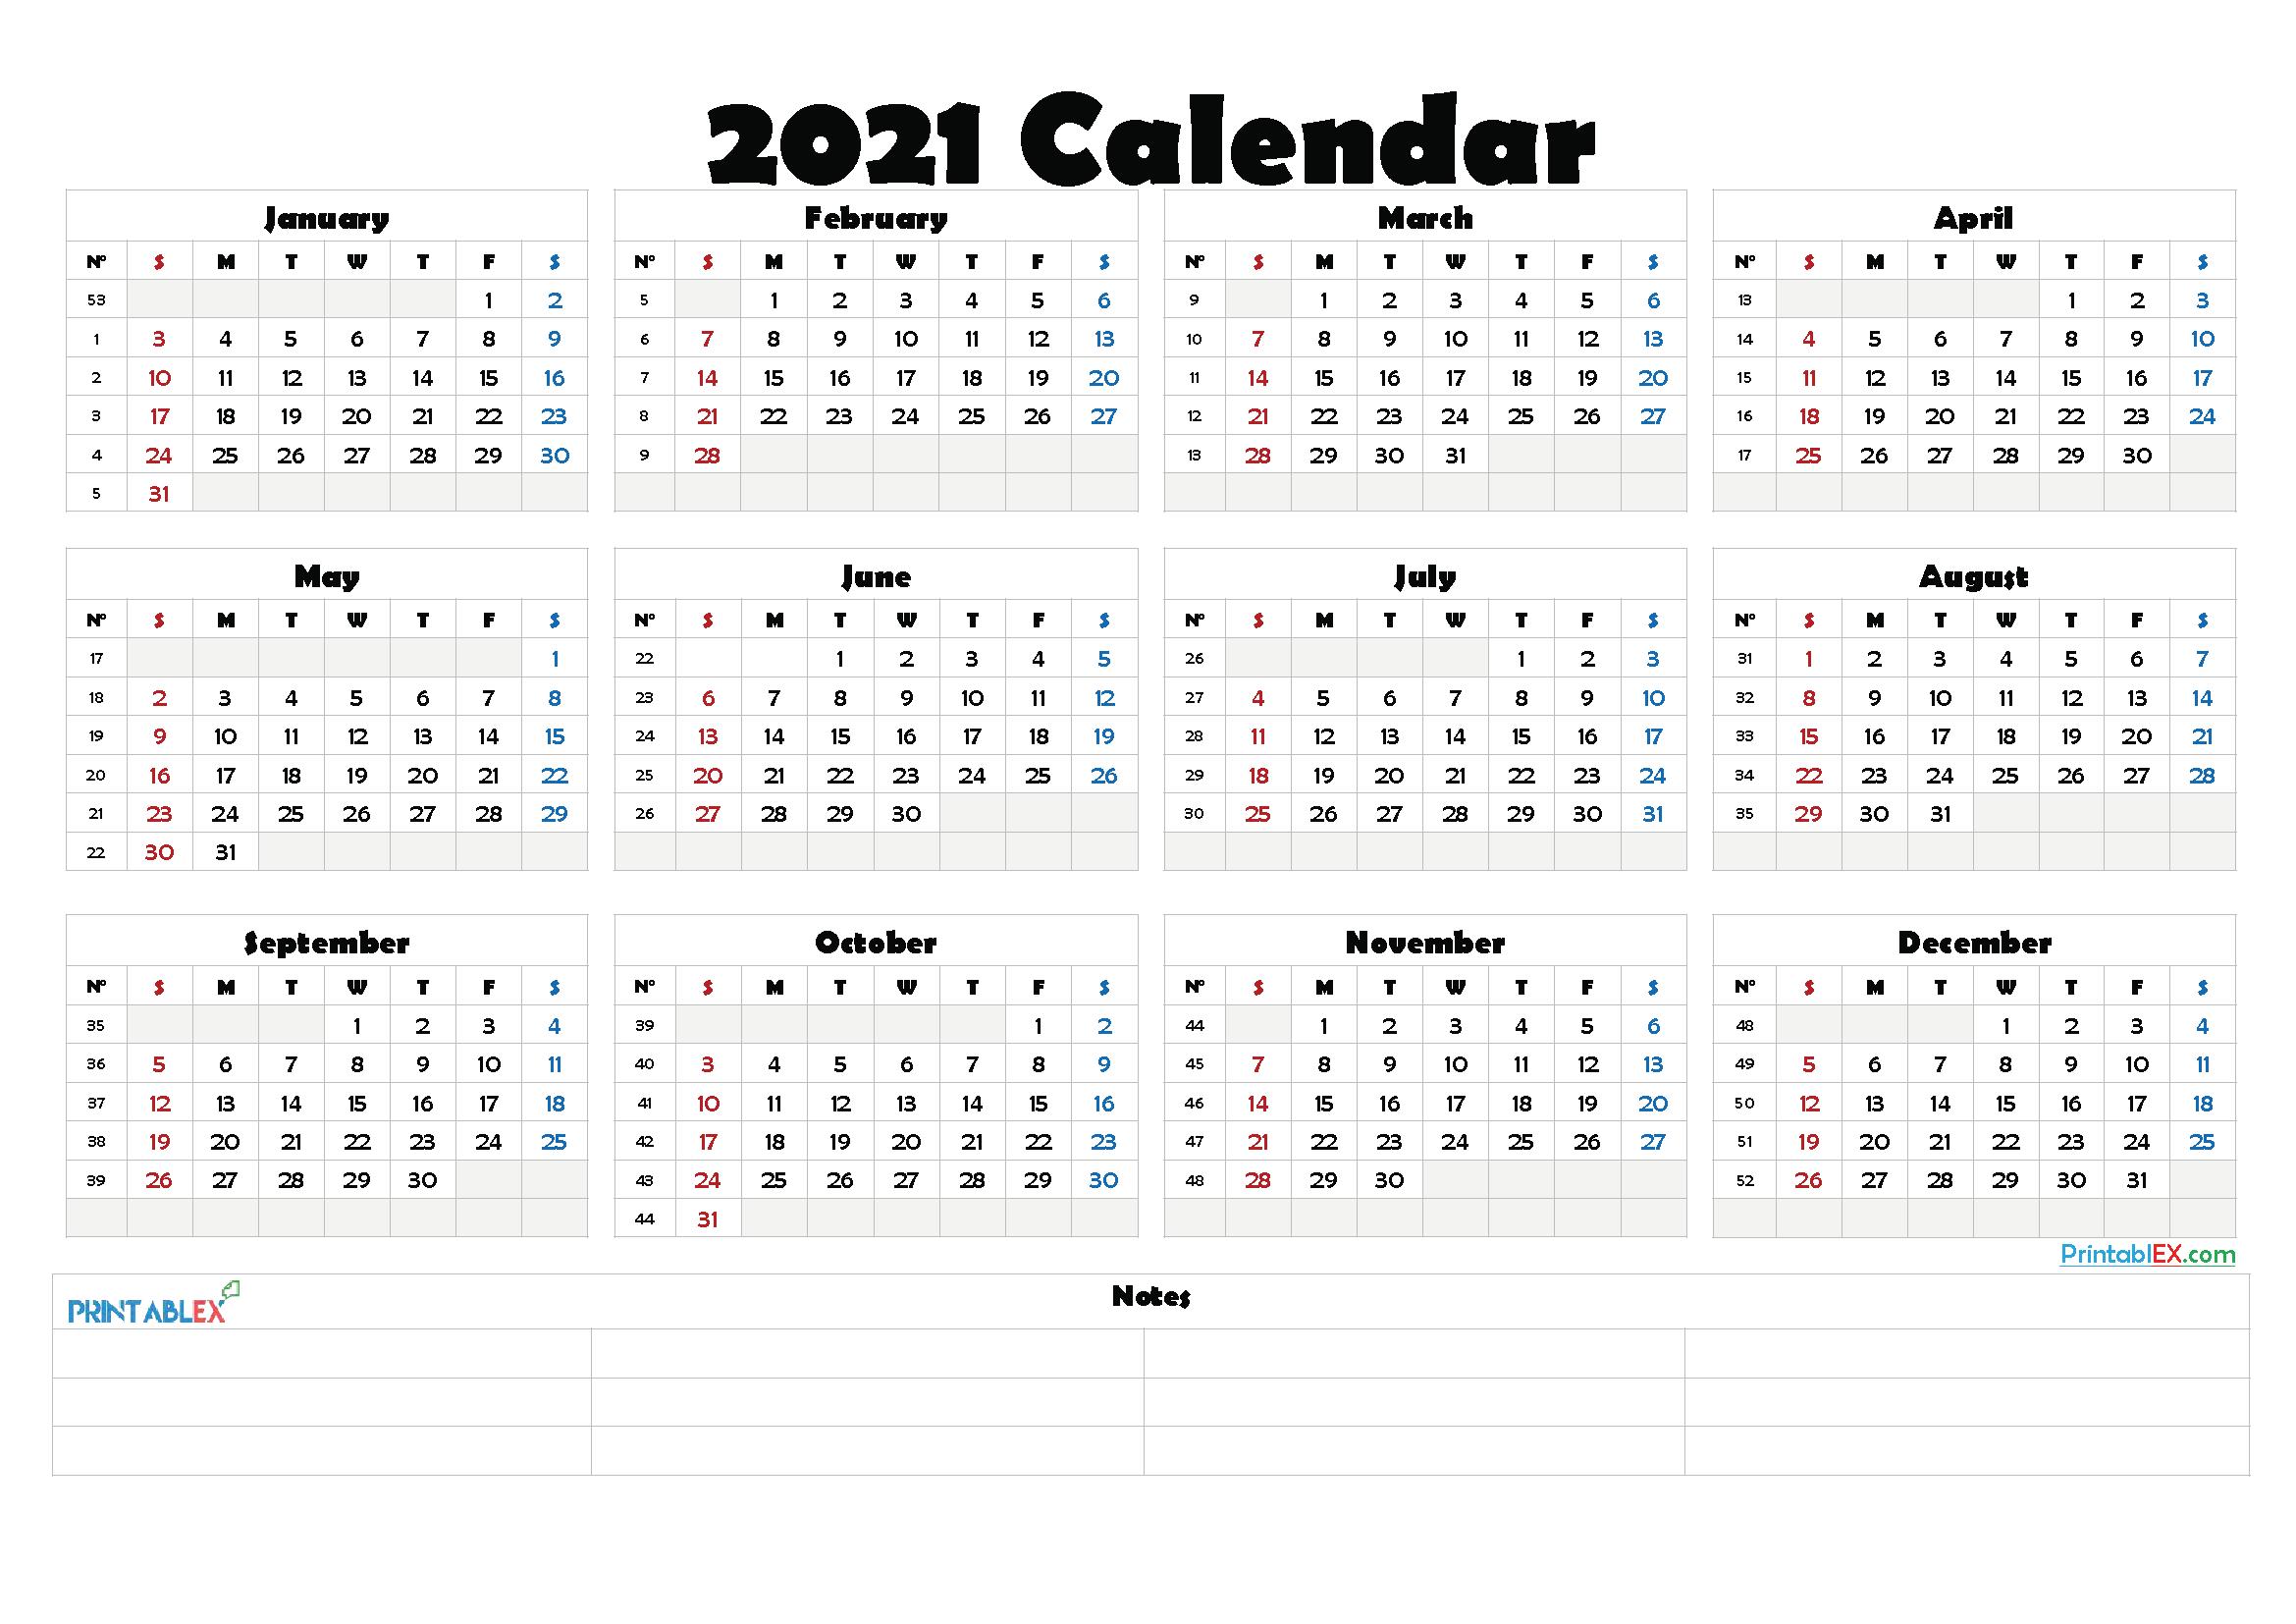 2021 Calendar Template With Week Numbers 2022 Calendar